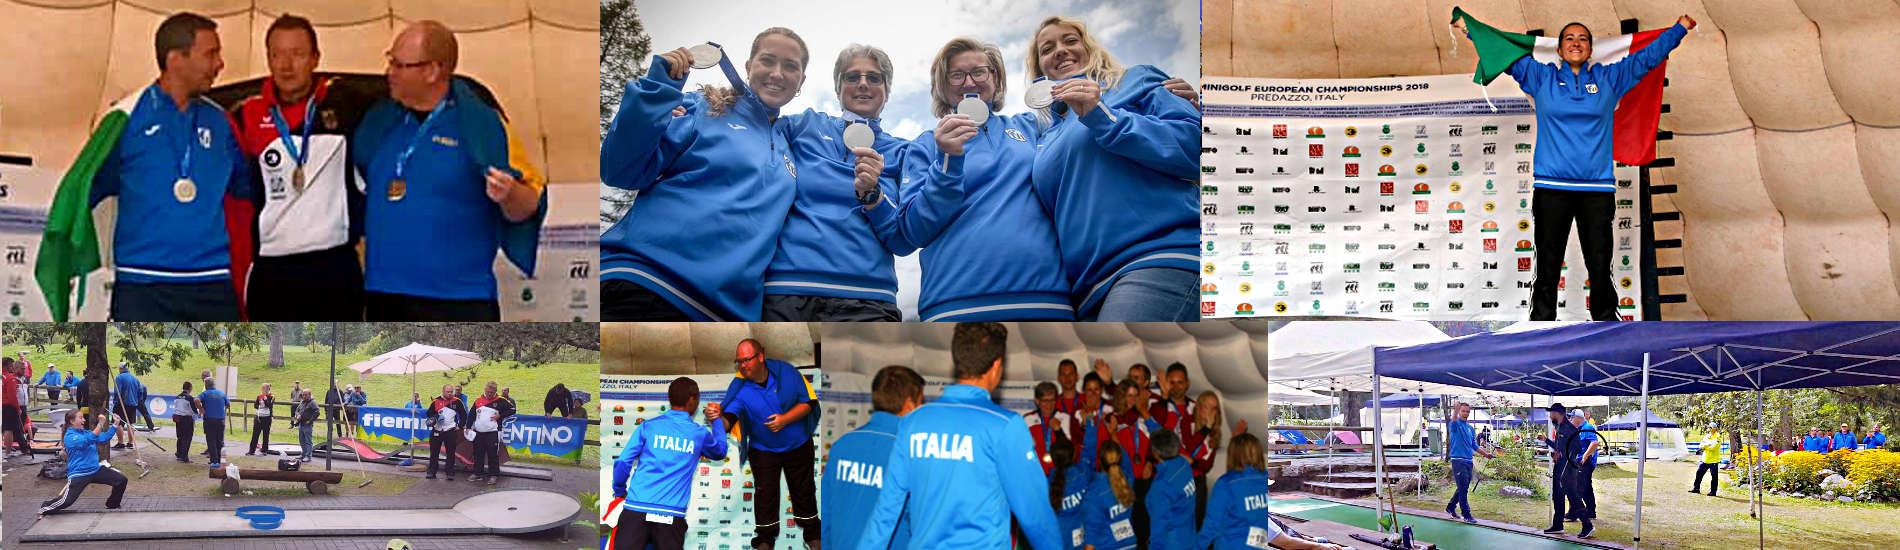 Tre medaglie agli Europei di Predazzo 2018